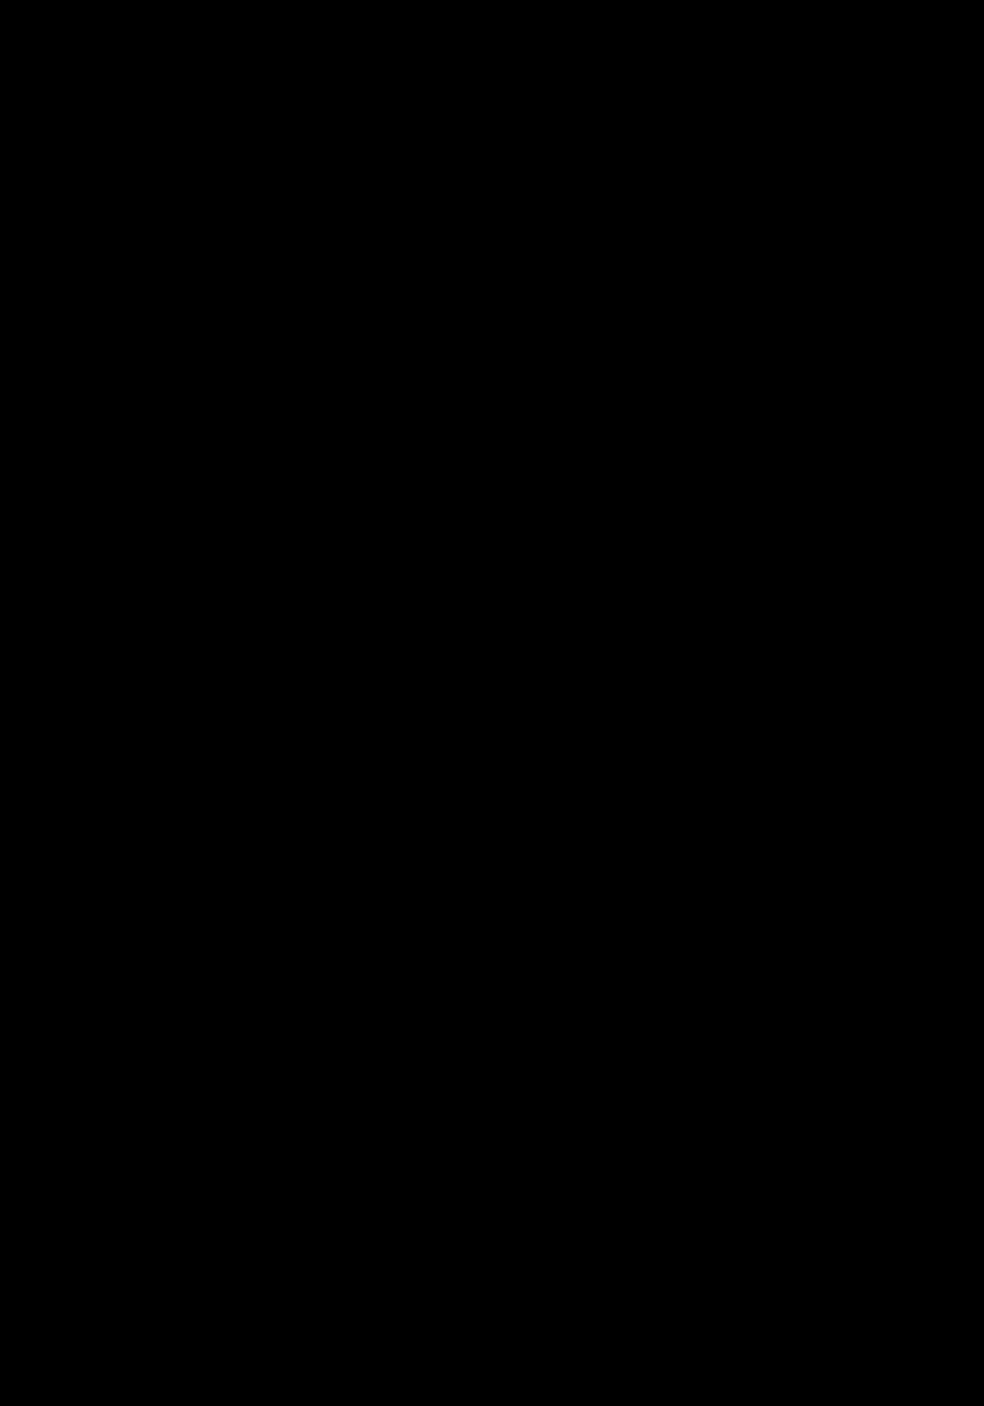 スーボ OS OSSU 縦組見本